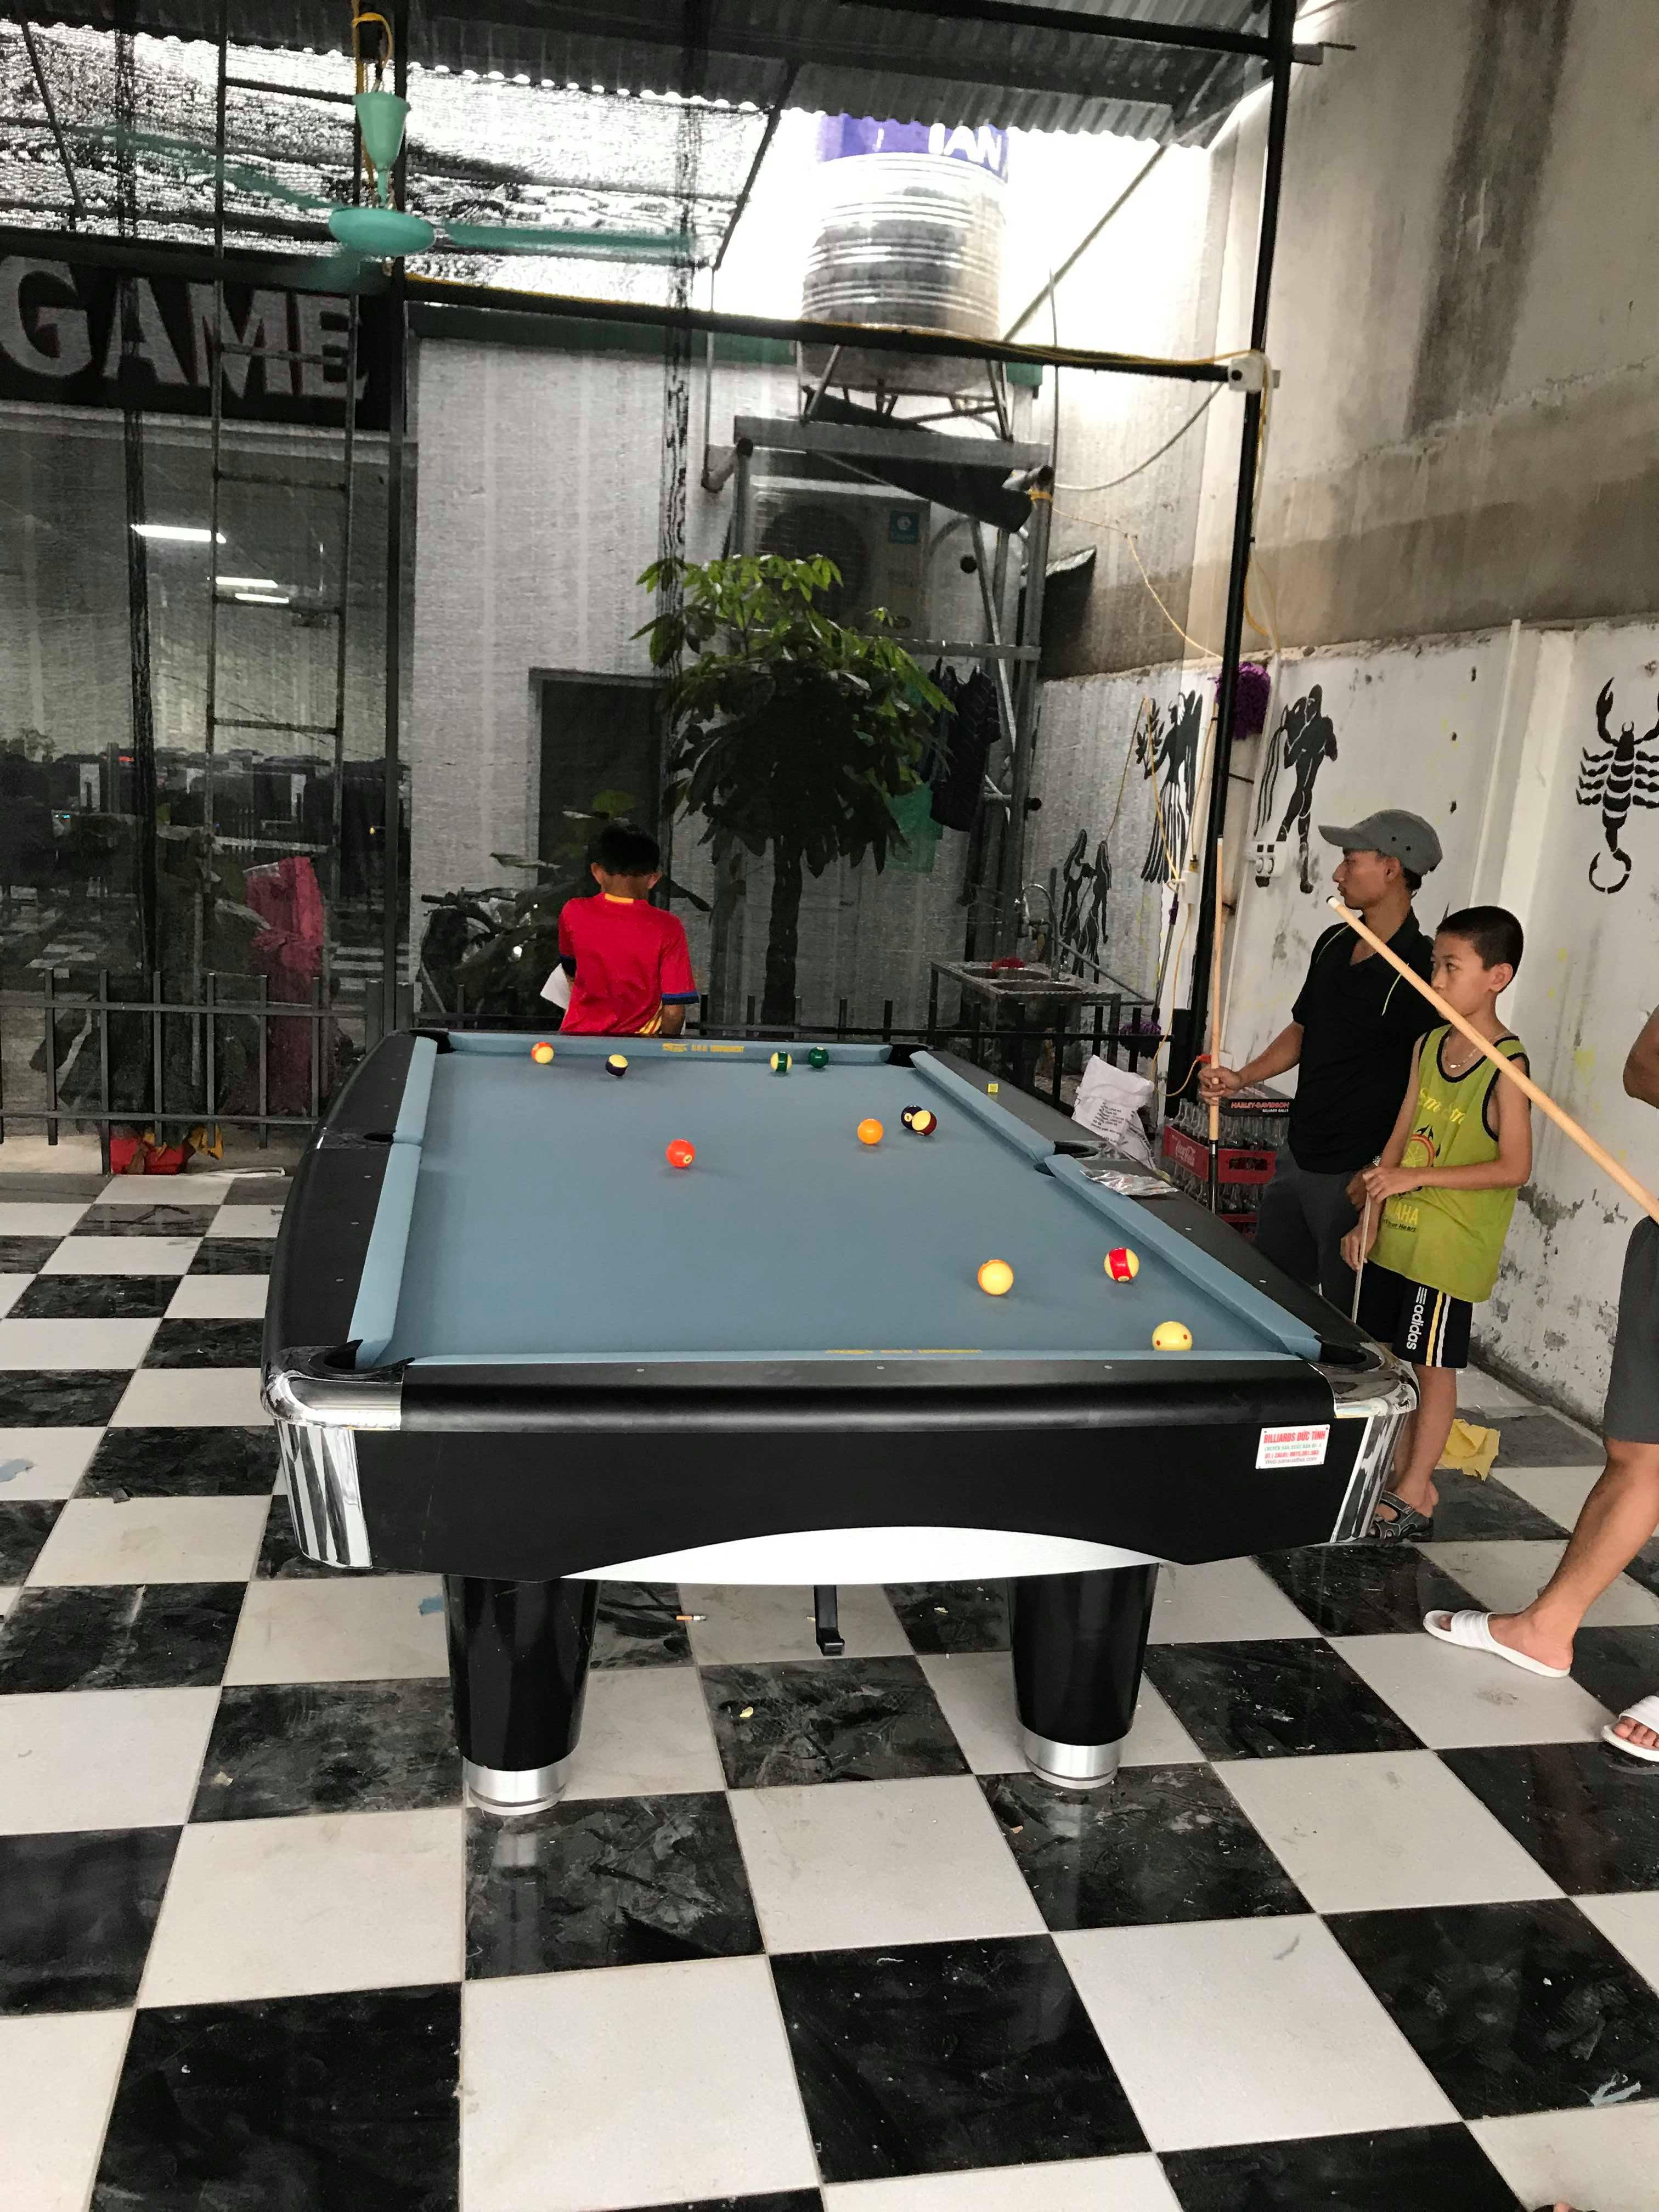 Biliards Đức Tình Lắp đặt bàn Tonardo 9017 tại quán game VIP – Vĩnh Quỳnh – Thanh Trì -Hà Nội